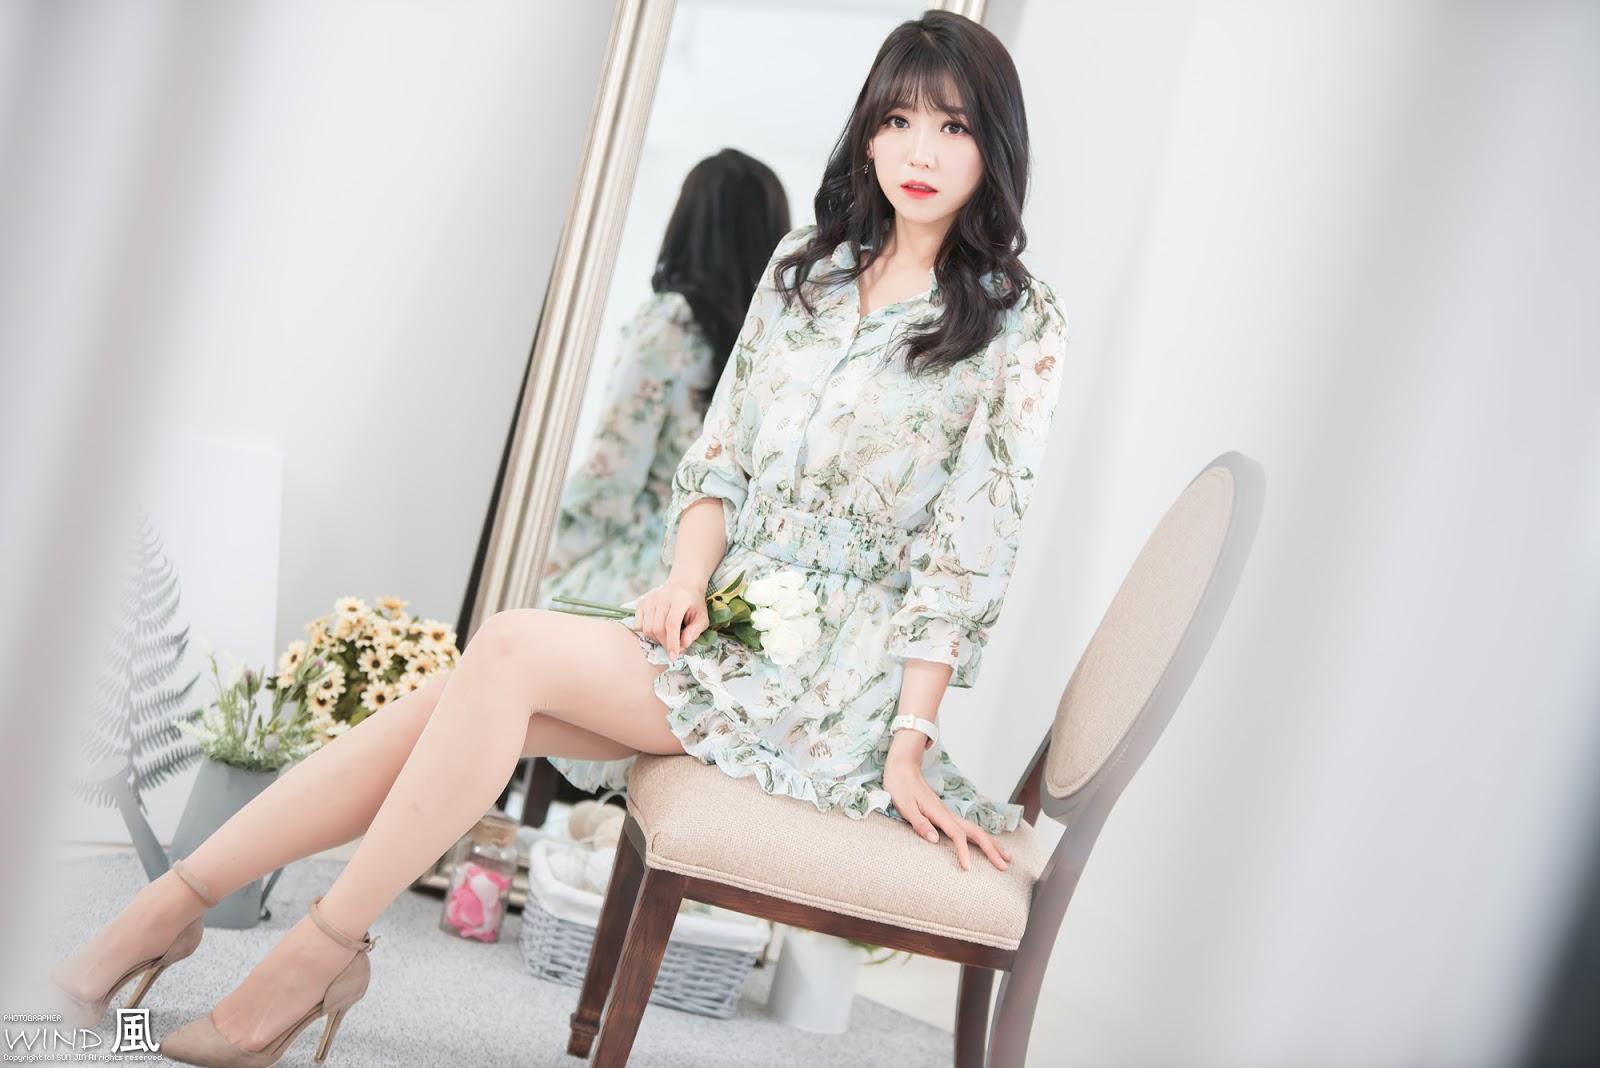 Korean Model Lee Eun Hye - Collection Pictures